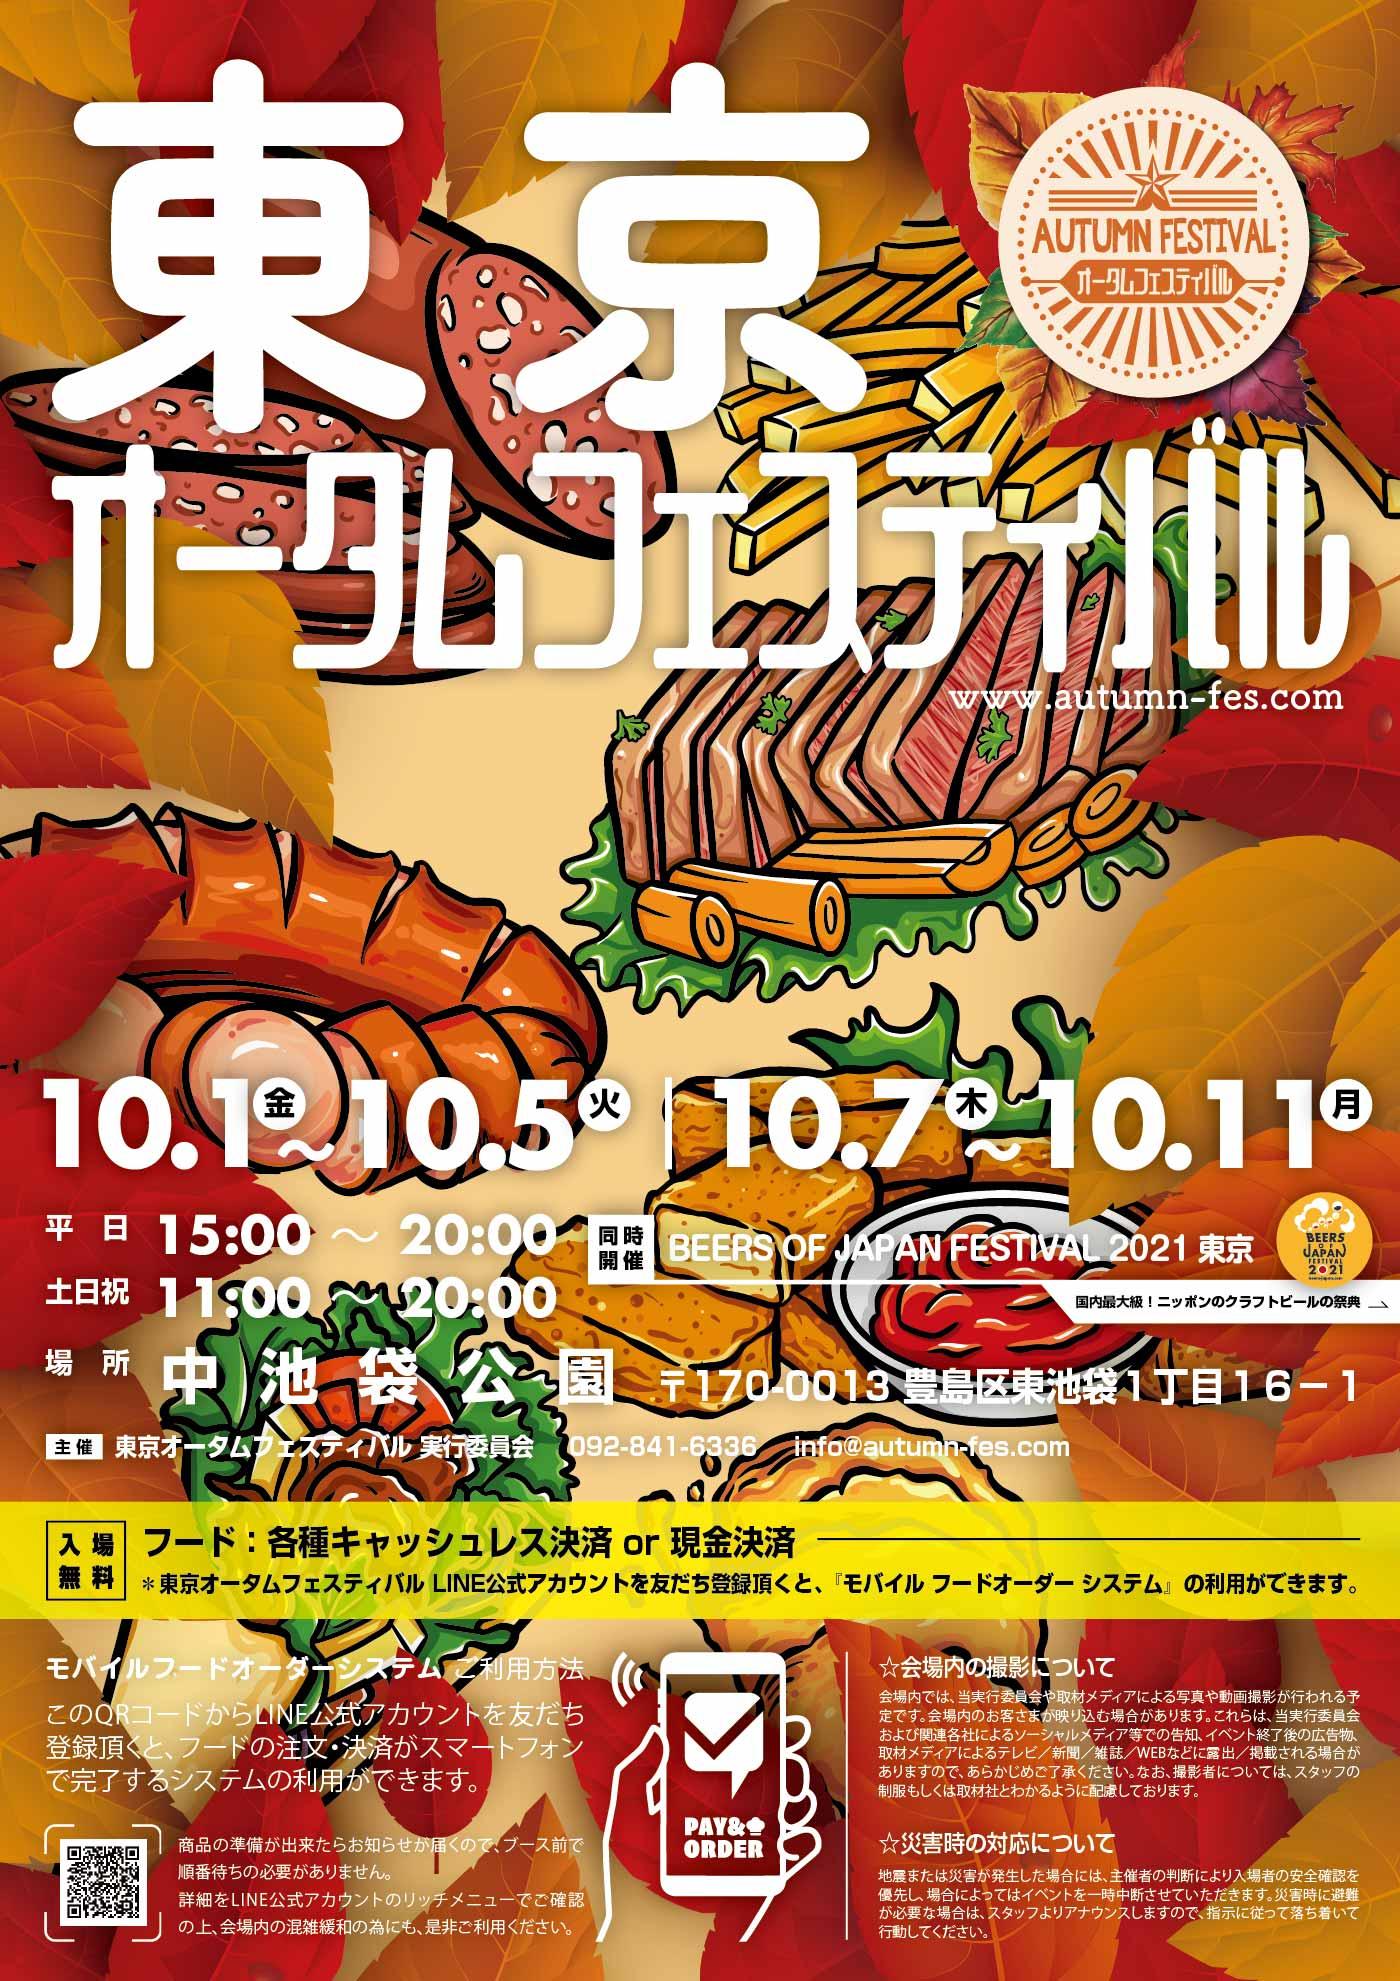 2021 東京オータムフェスティバル フライヤー